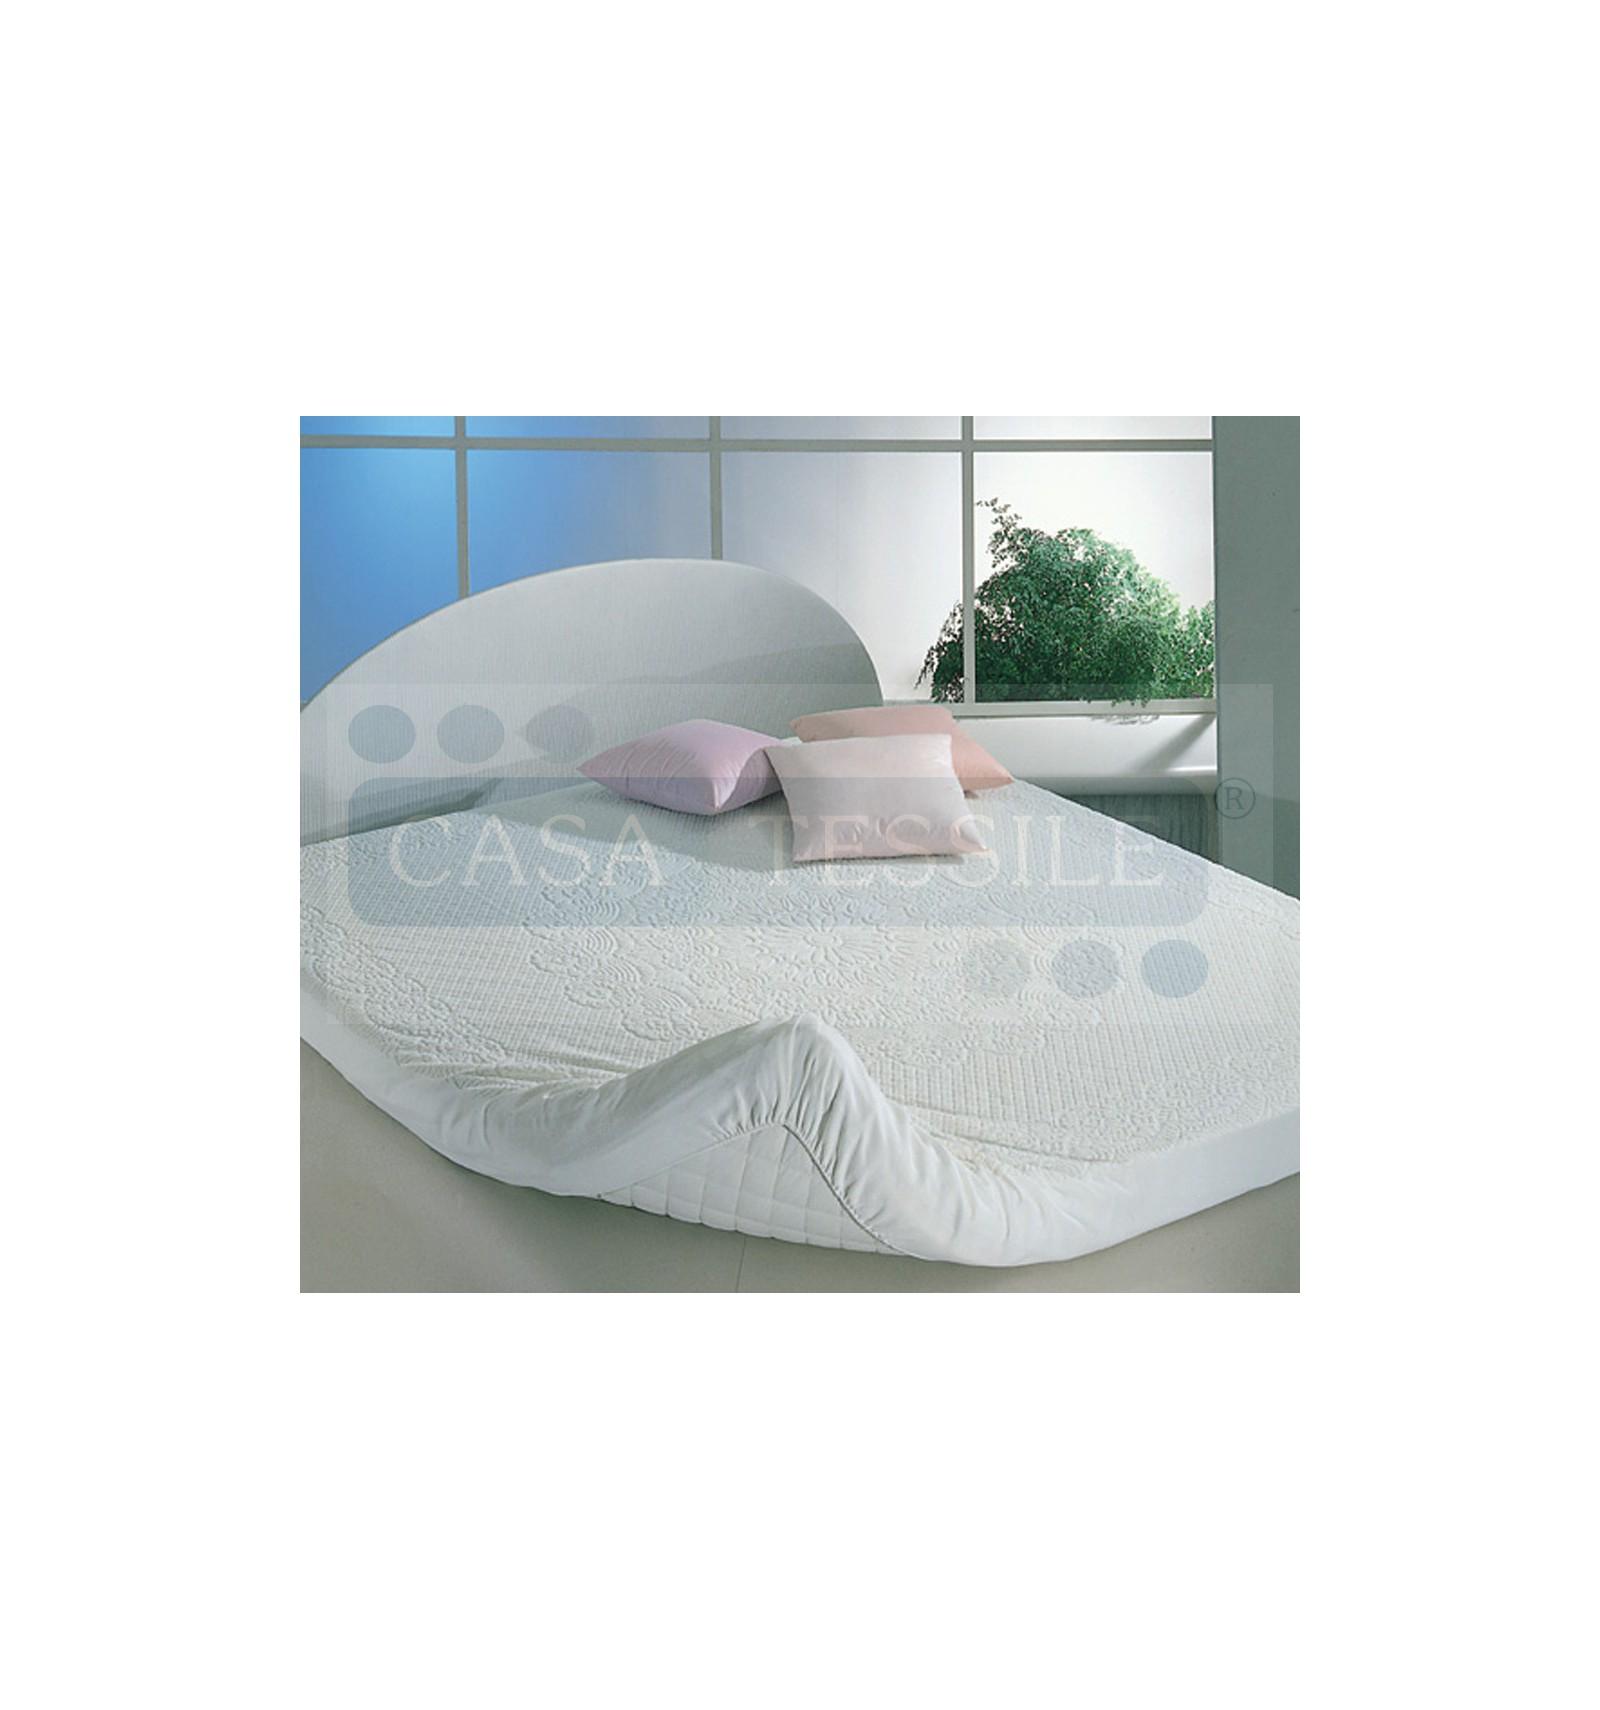 Traversa copri materasso in spugna singolo per letto cm 90x200 casa tessile - Materasso per poltrona letto ...